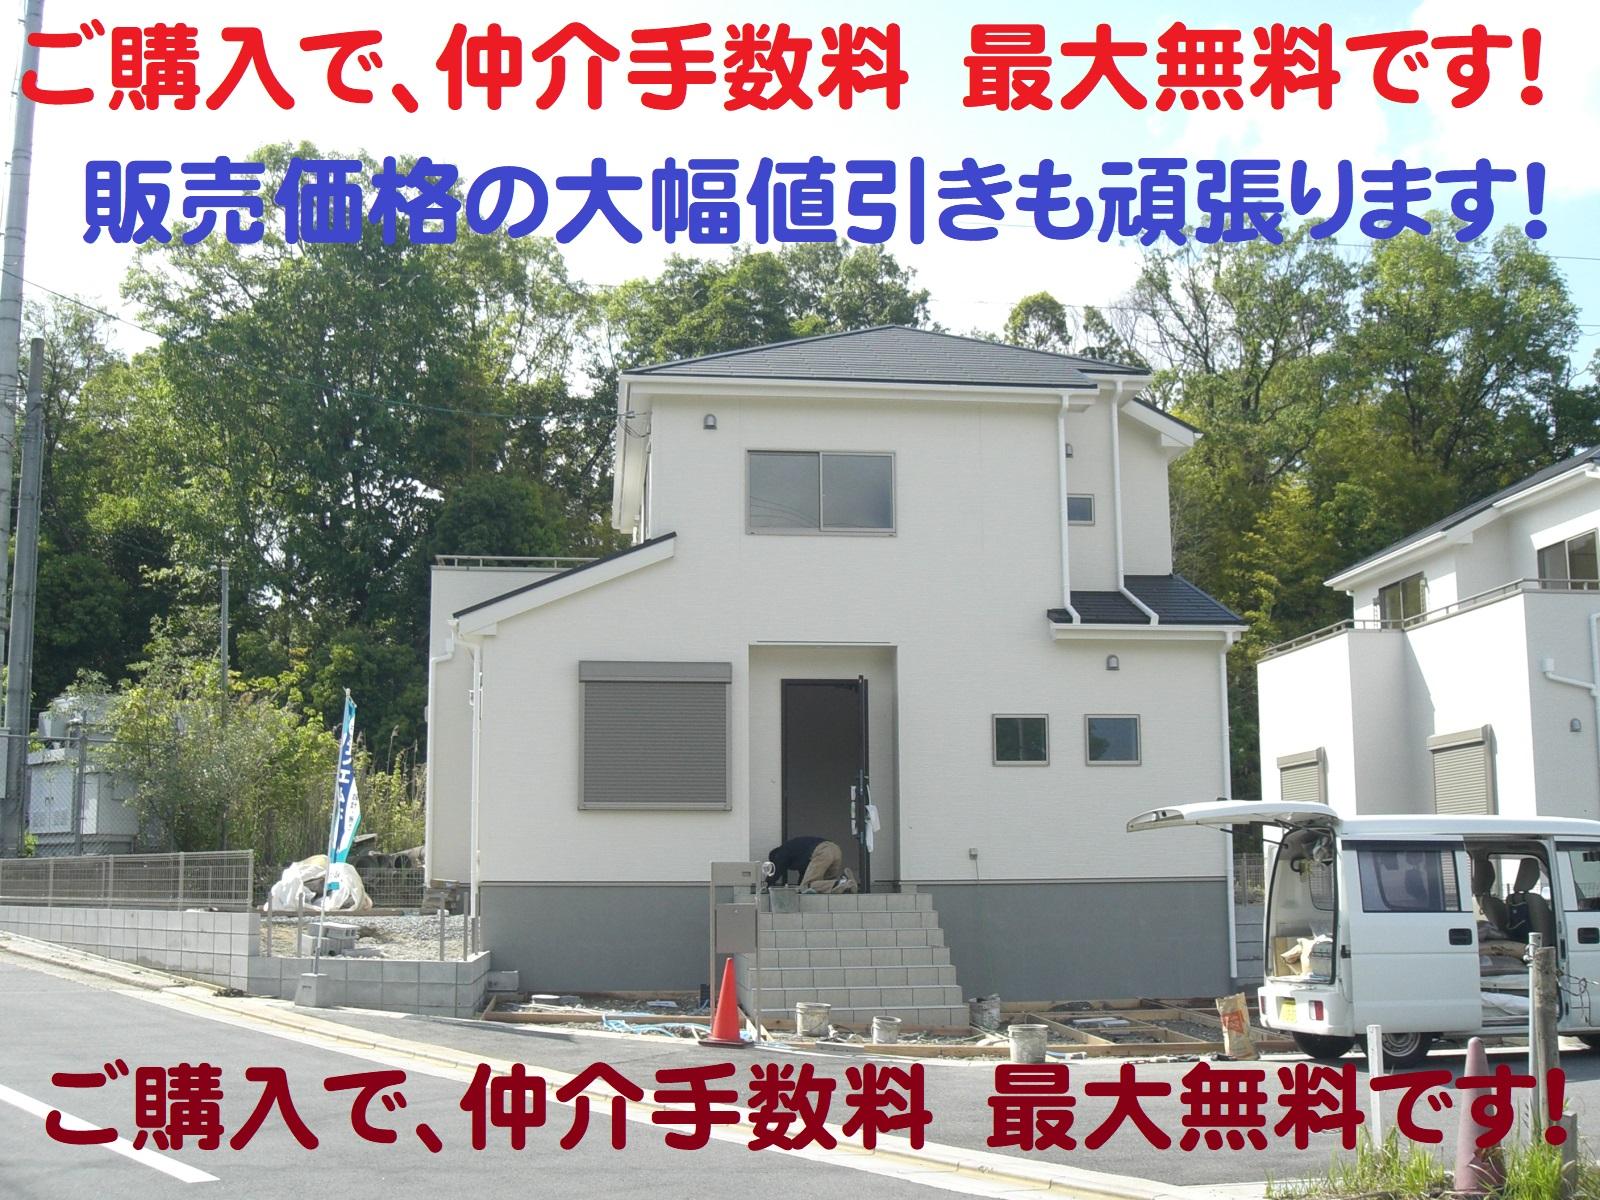 建物 飯田グループ 一建設 完成モデルハウス ご案内できます!